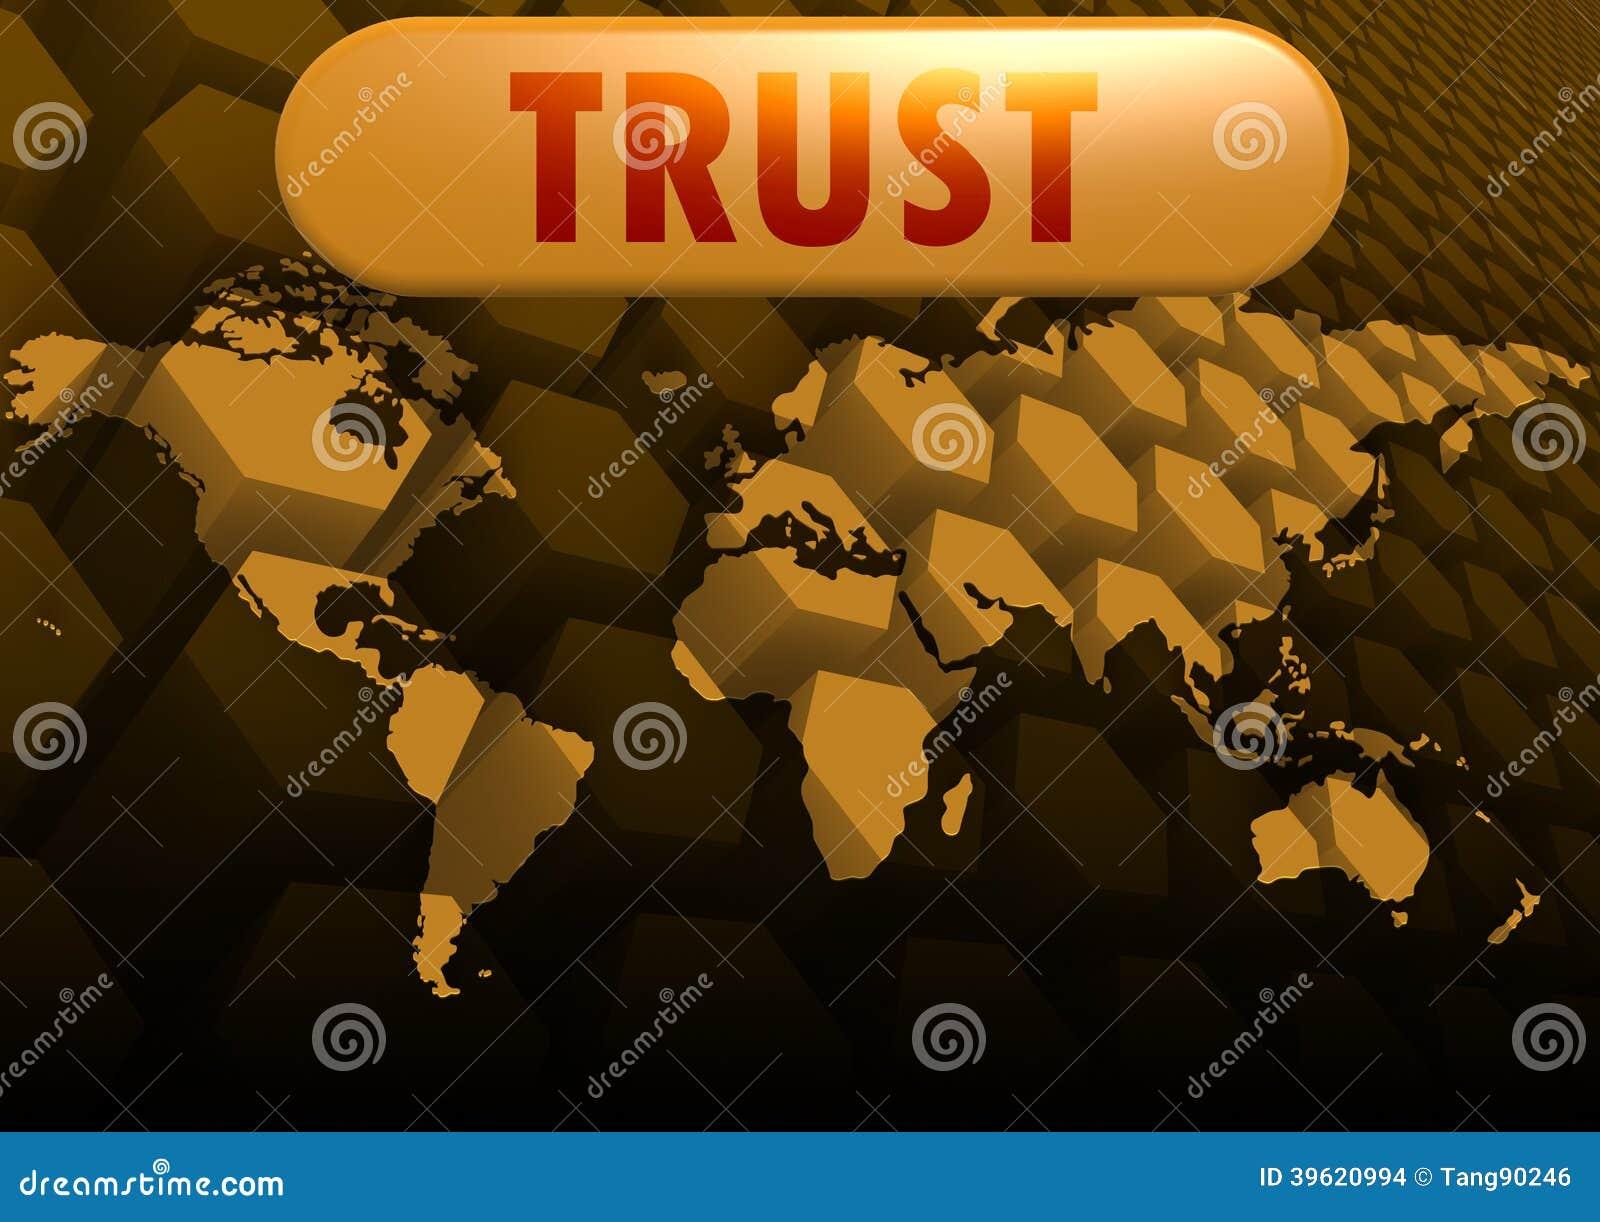 Förtroendevärldskarta